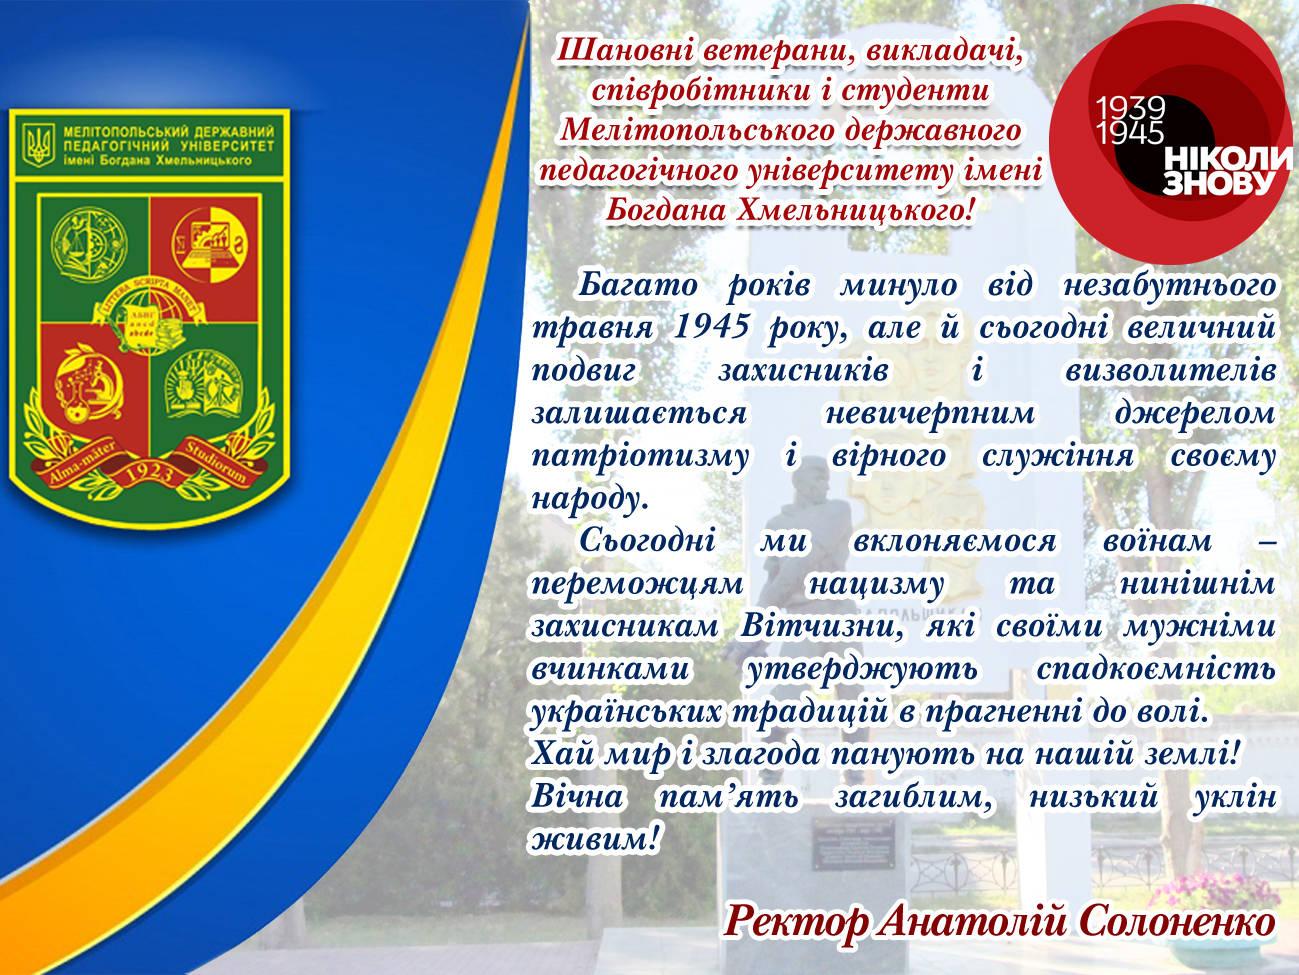 Вітання ректора із Днем пам'яті та примирення і Днем Перемоги!